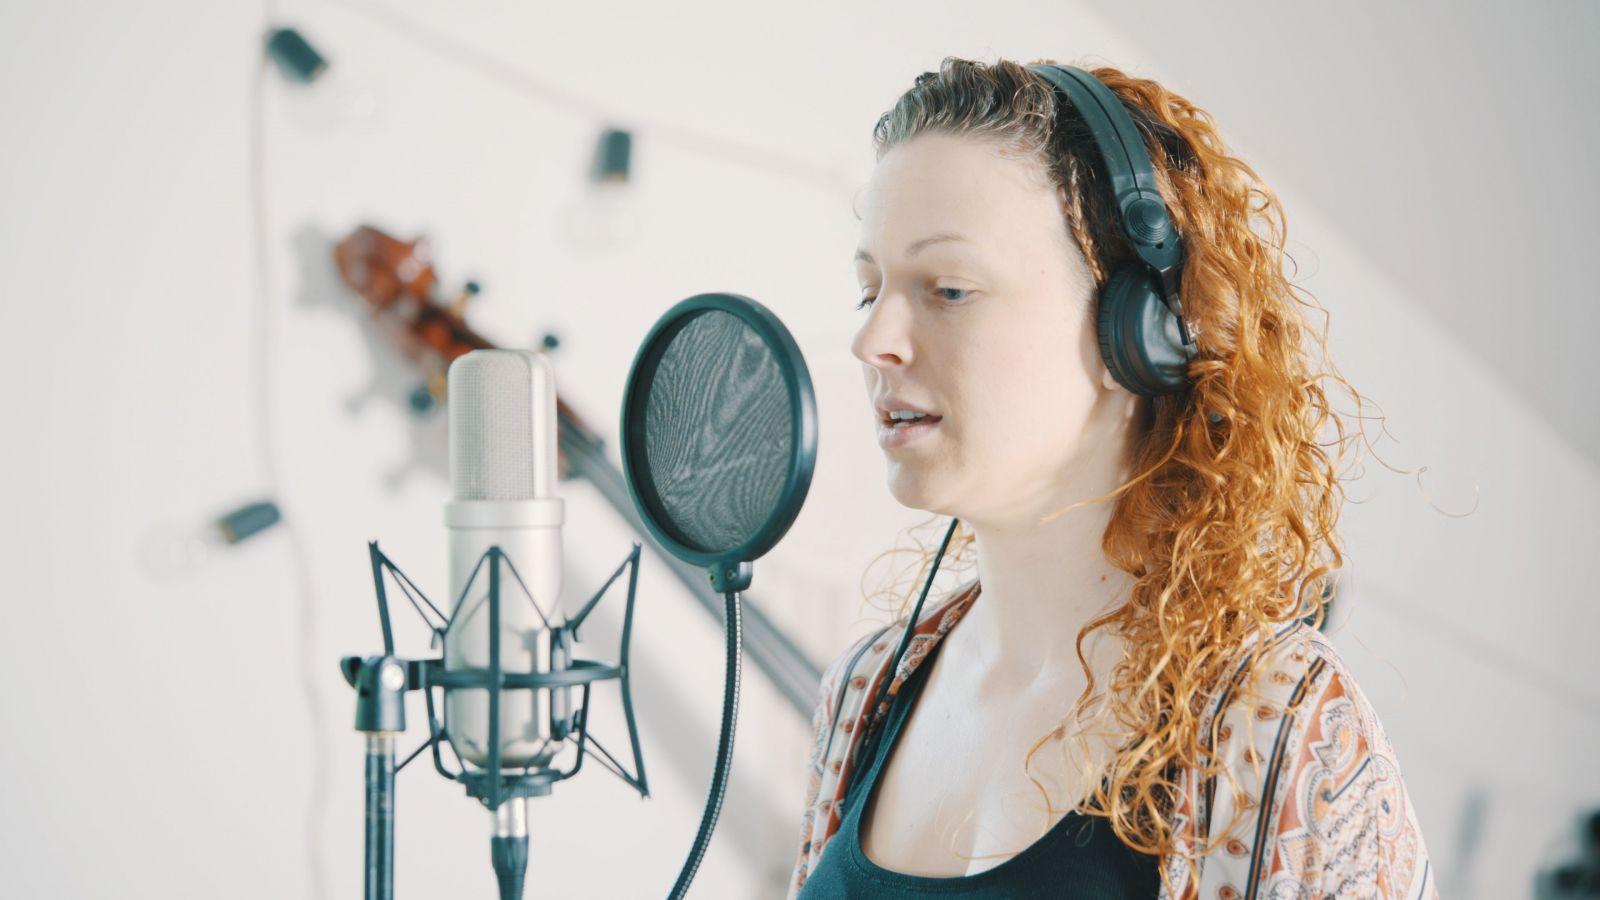 Chceš si nechat nahrát český rapový nebo popový track na míru? Díky novému projektu ti ho složí profesionální hudebník